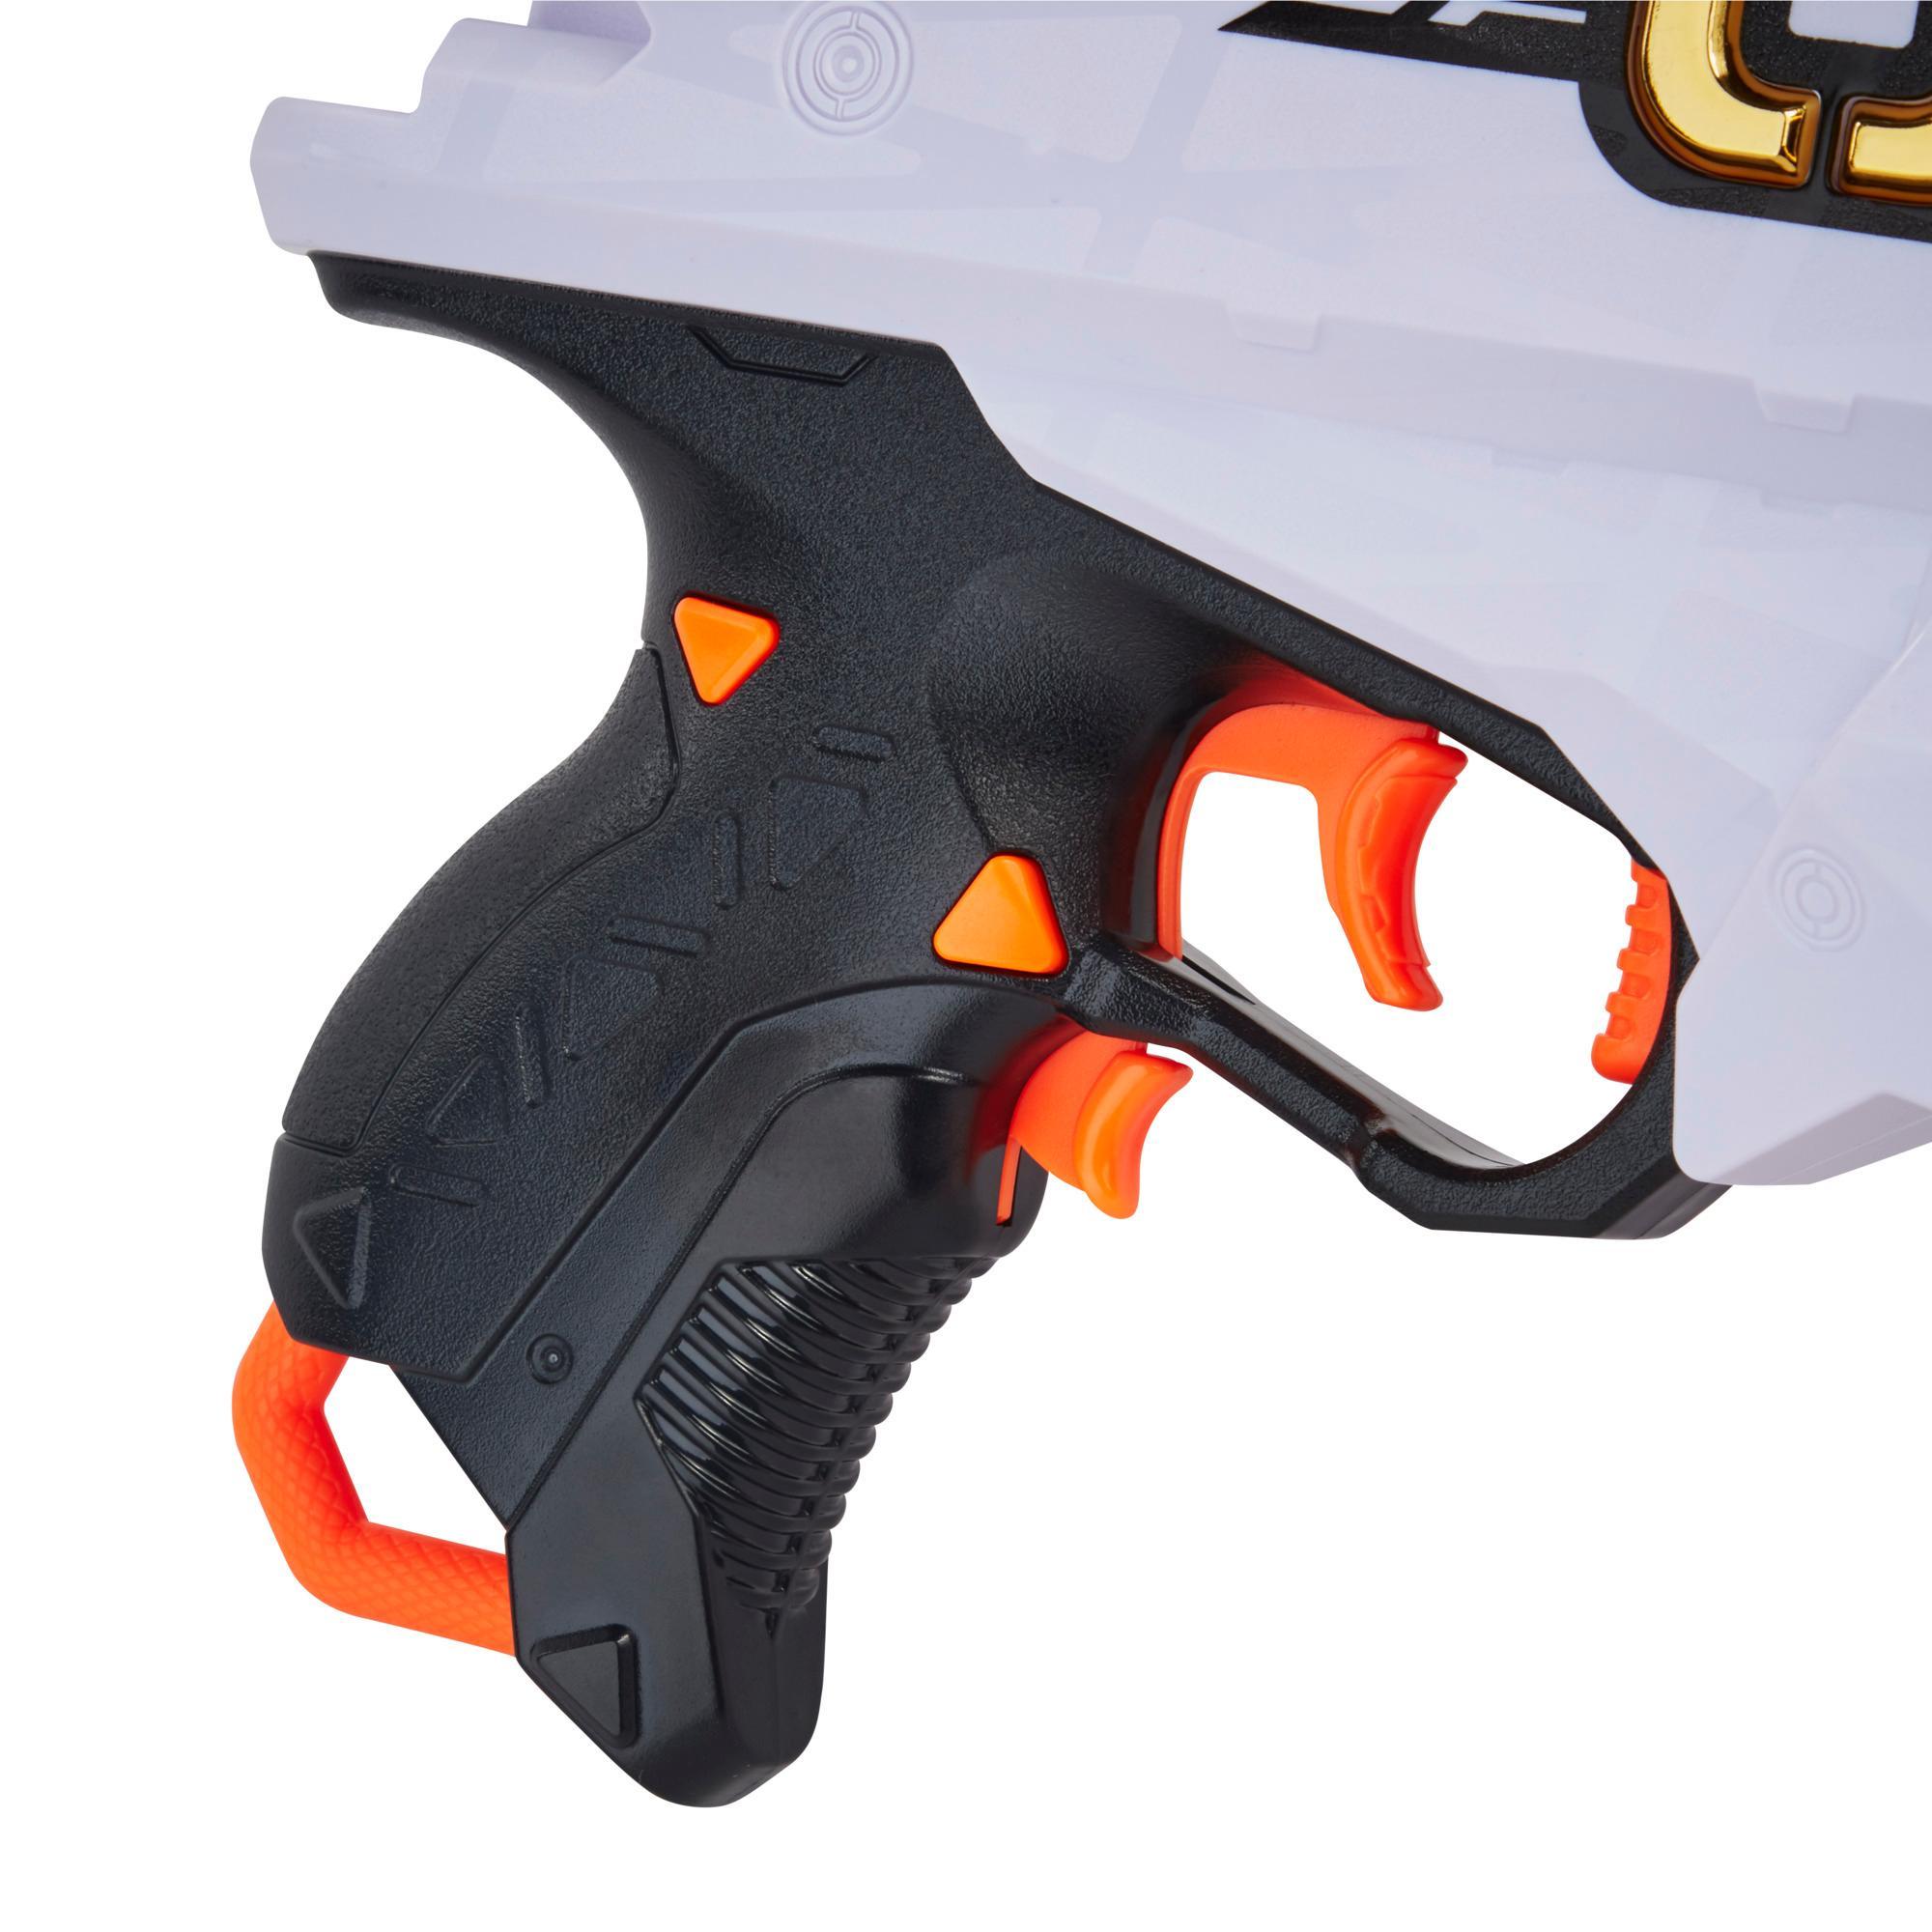 Nerf Ultra Amp, Blaster motorisé, chargeur 6 fléchettes, 6 fléchettes, compatible uniquement avec fléchettes Nerf Ultra